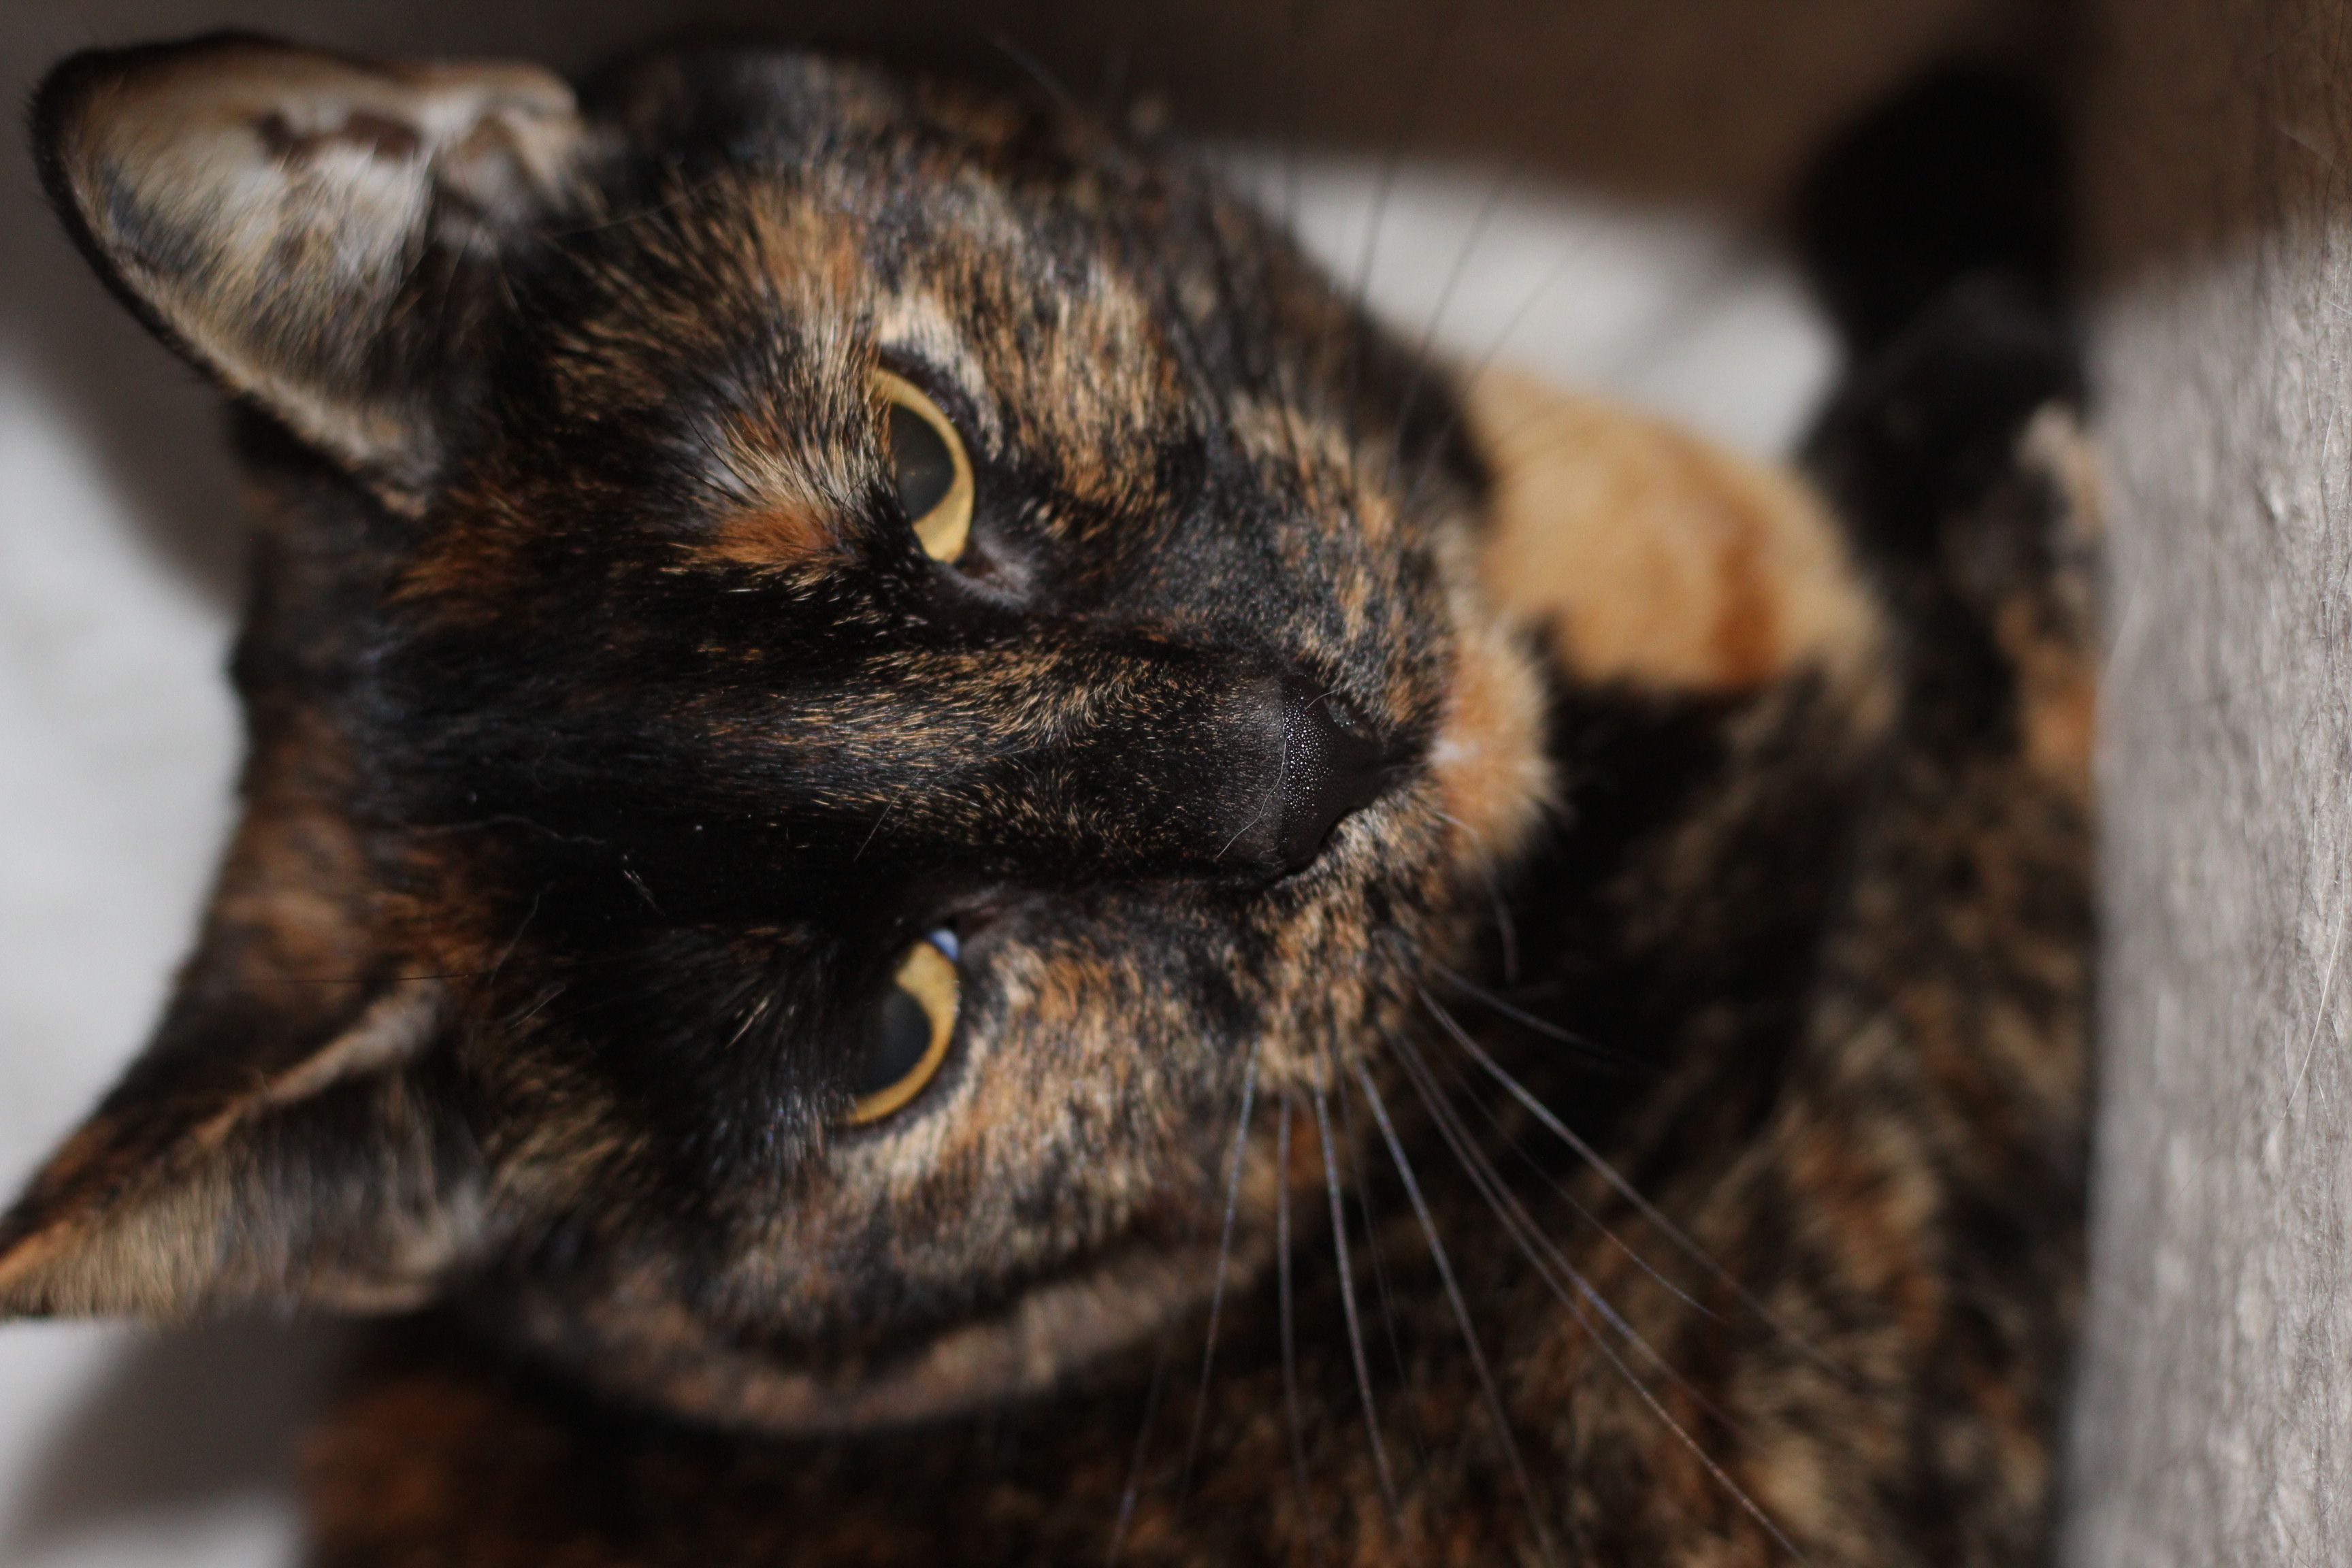 INDEKAT - Kira er en dejlig hunkat på 5 år - hun er forsigtig men virkelig dejlig i det rigtige og rolige hjem